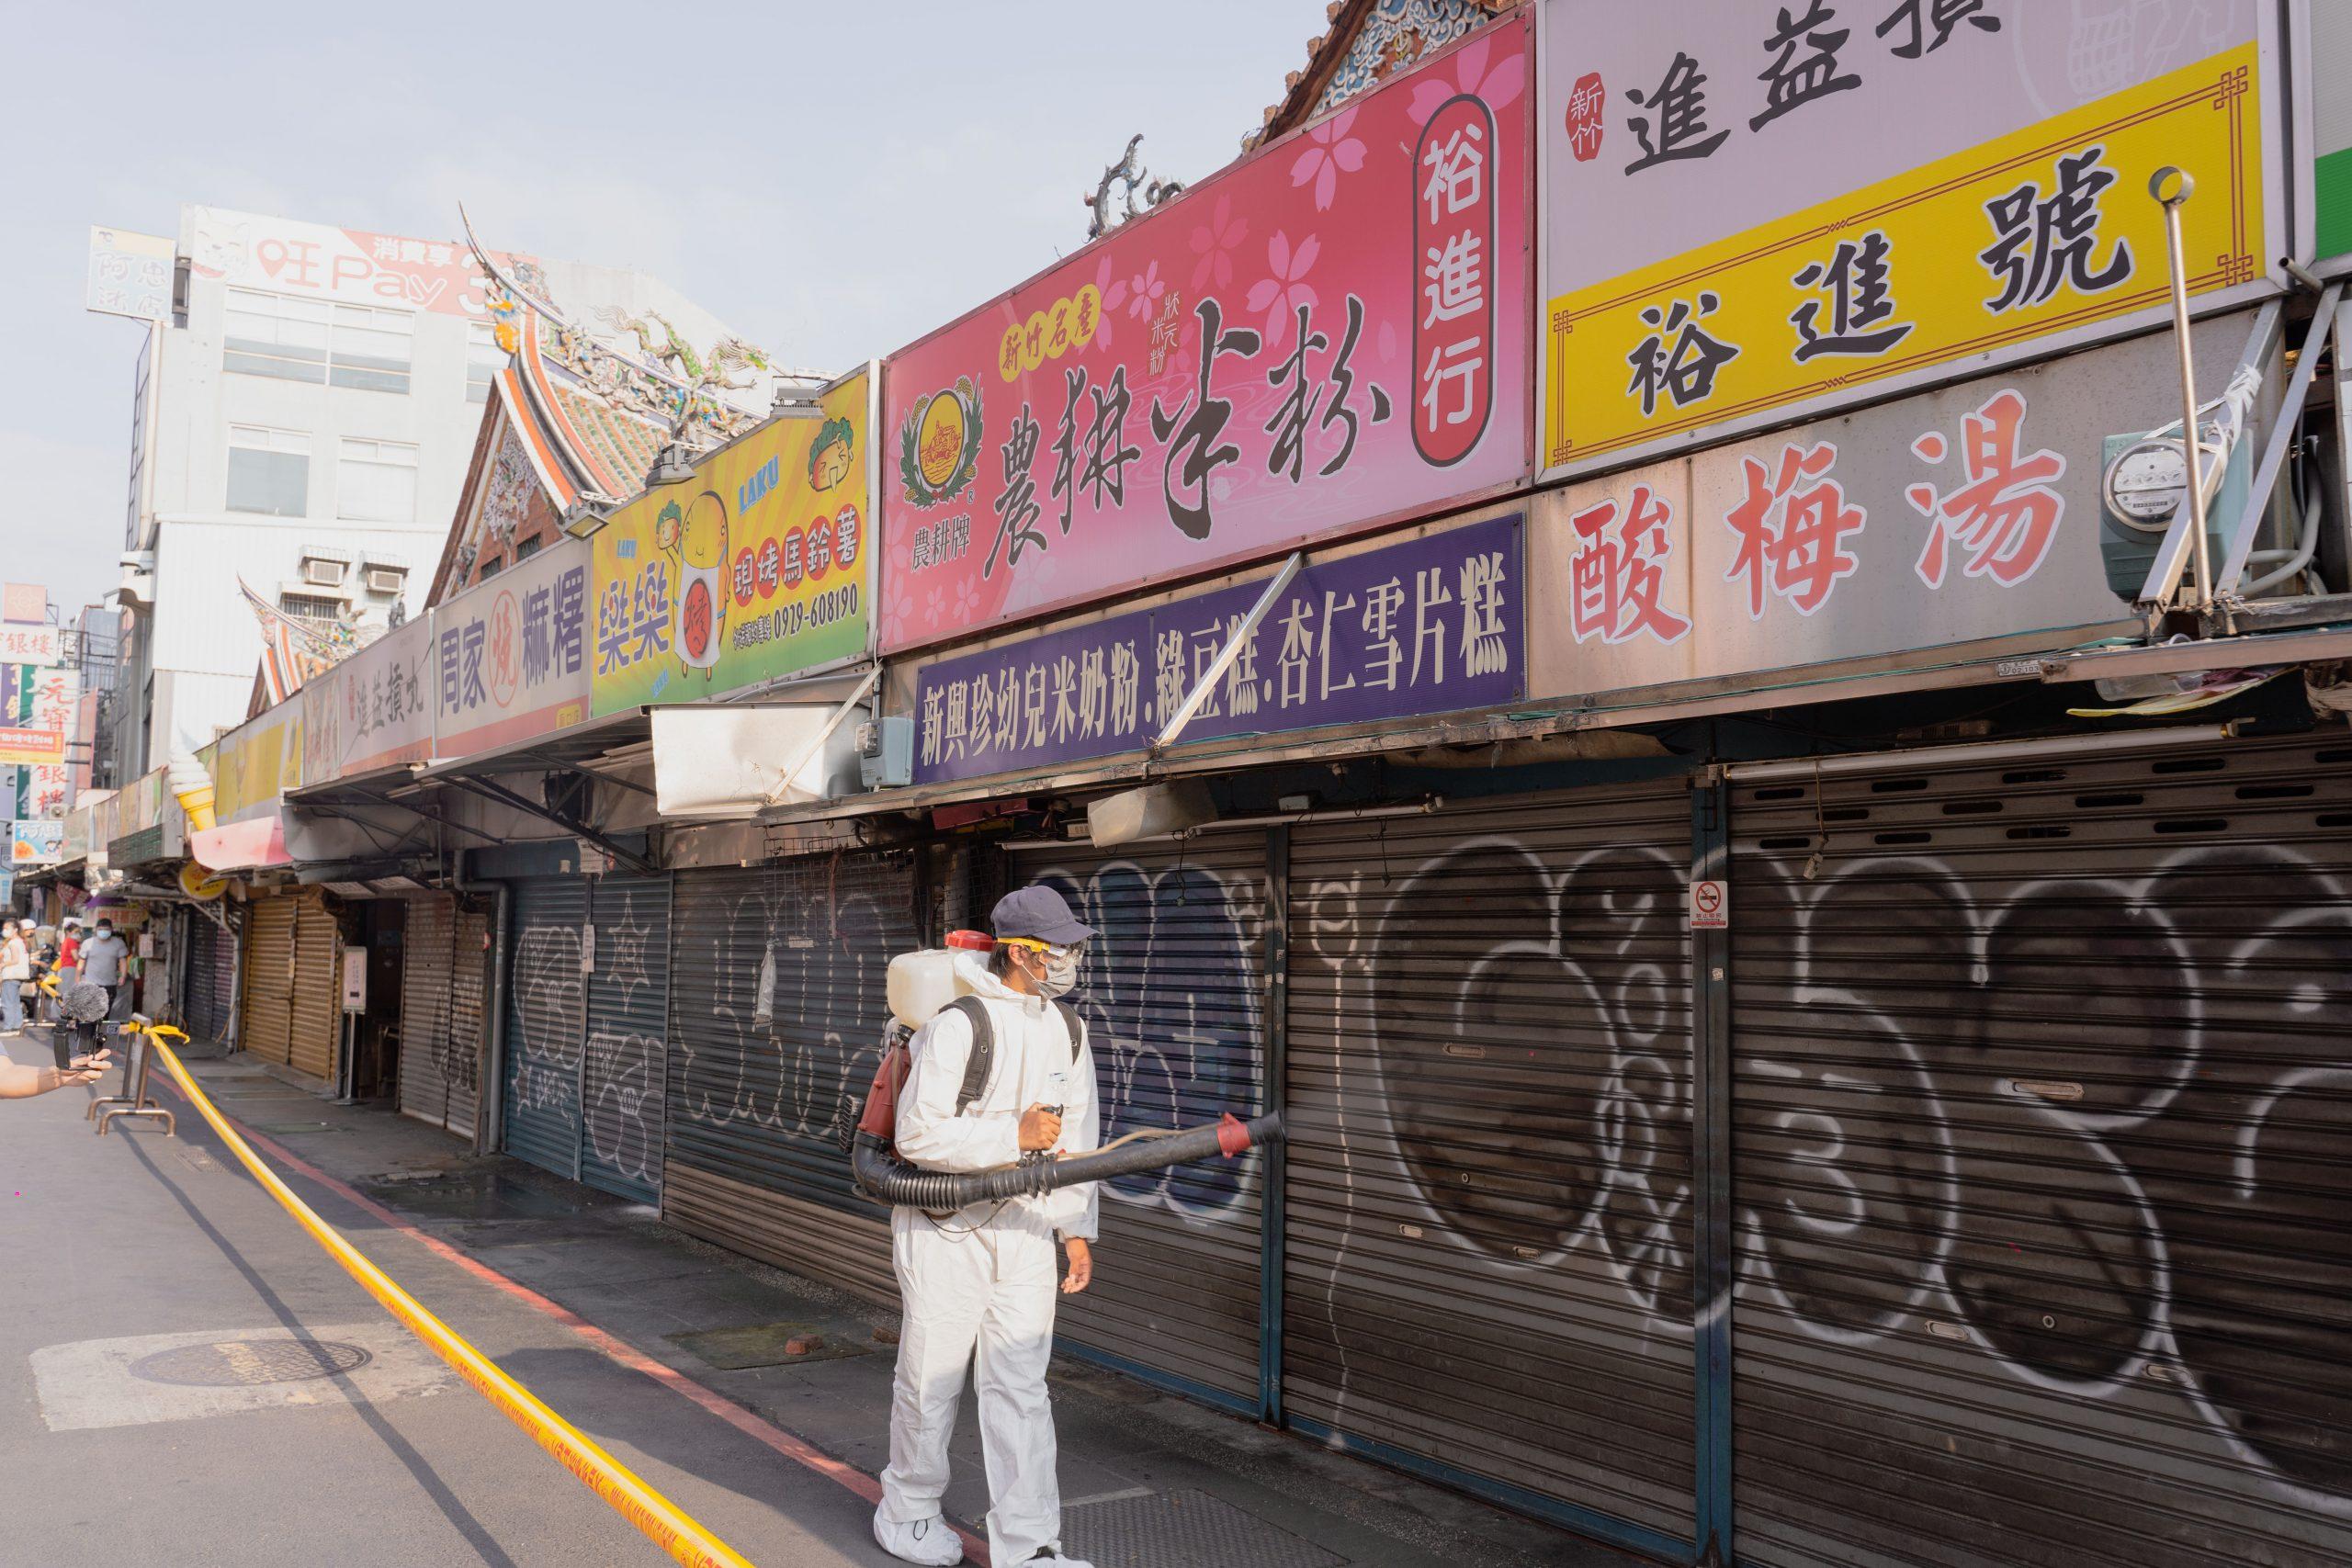 竹市都城隍廟「周邊」商圈有確診者足跡 林智堅市長已全面擴大消毒